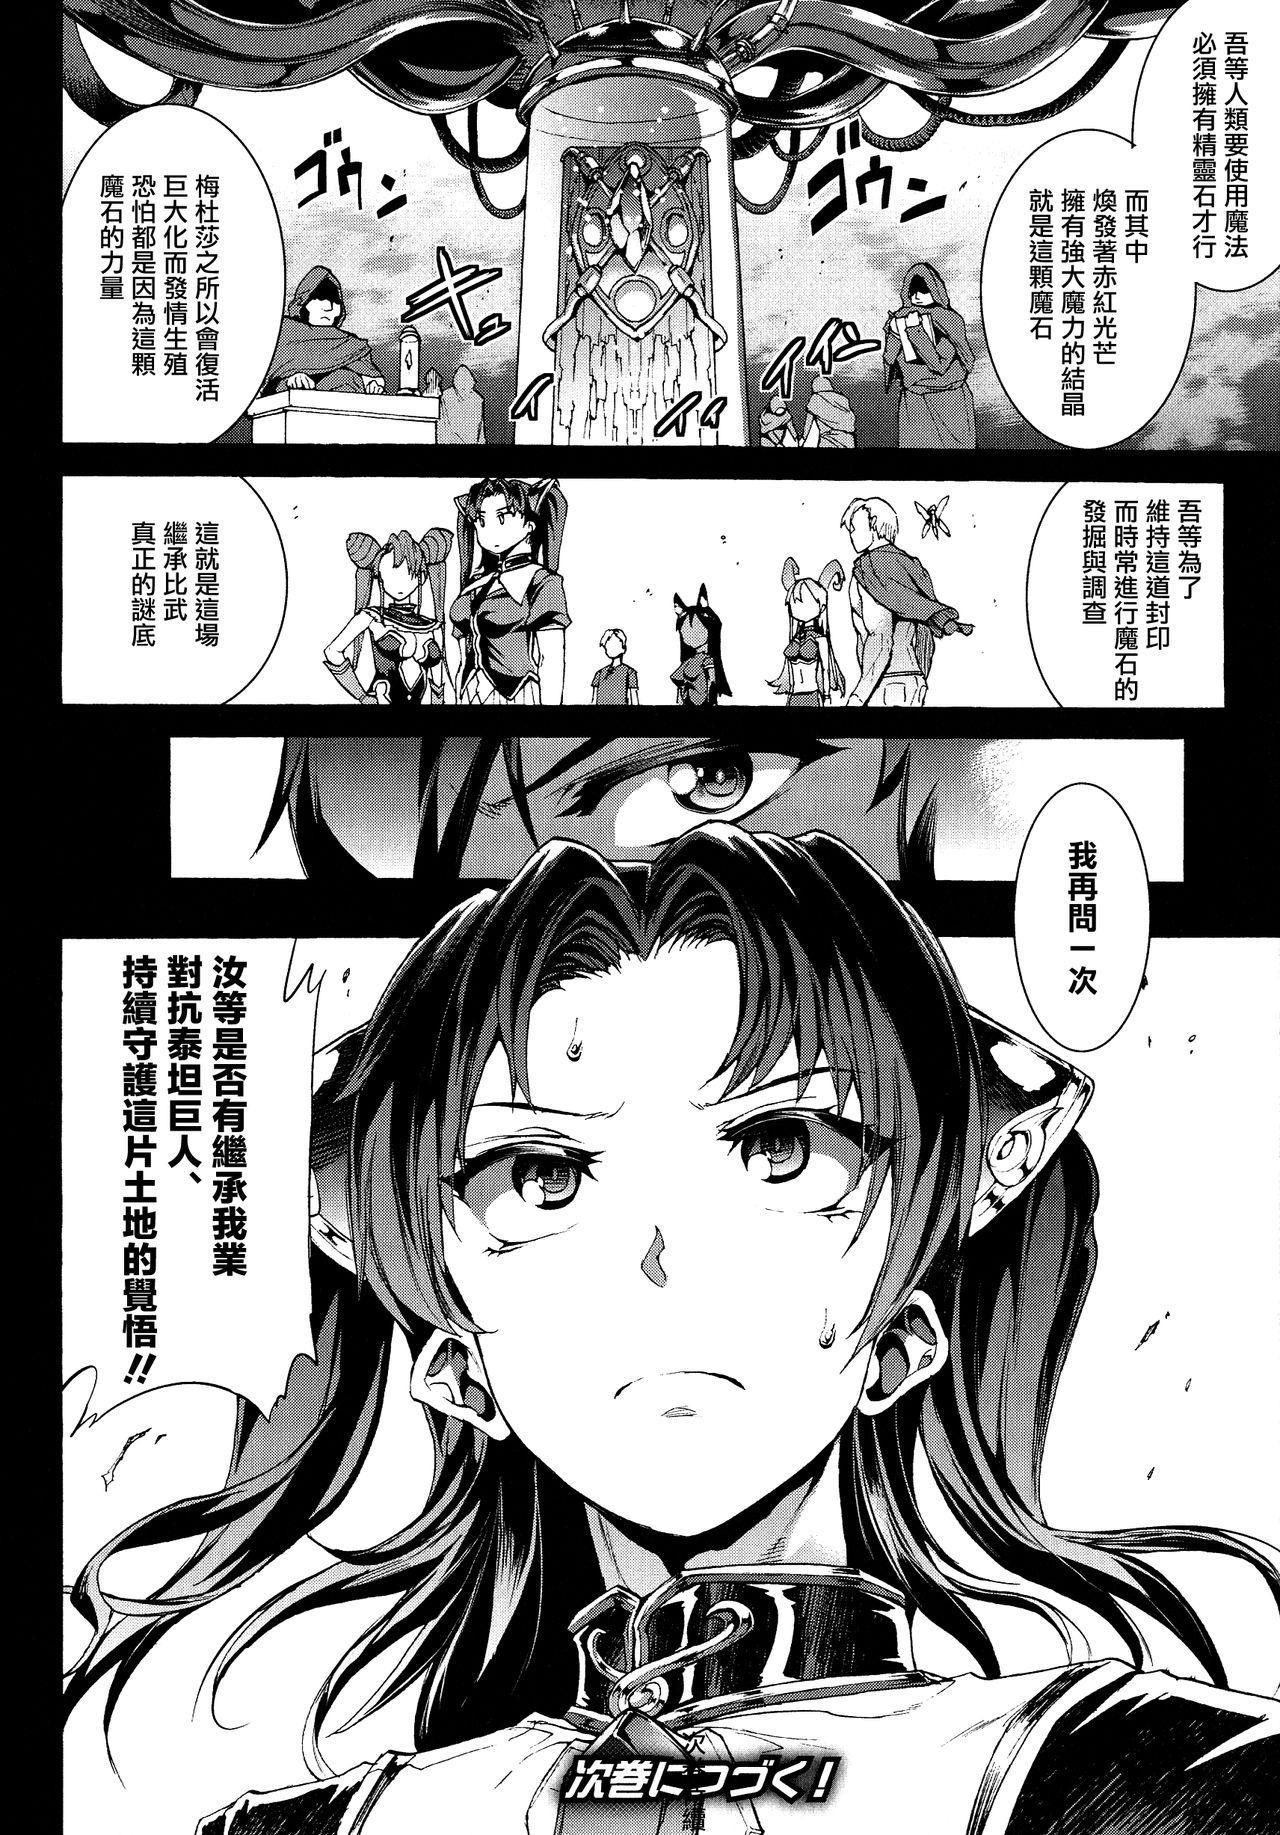 Raikou Shinki Igis Magia 180